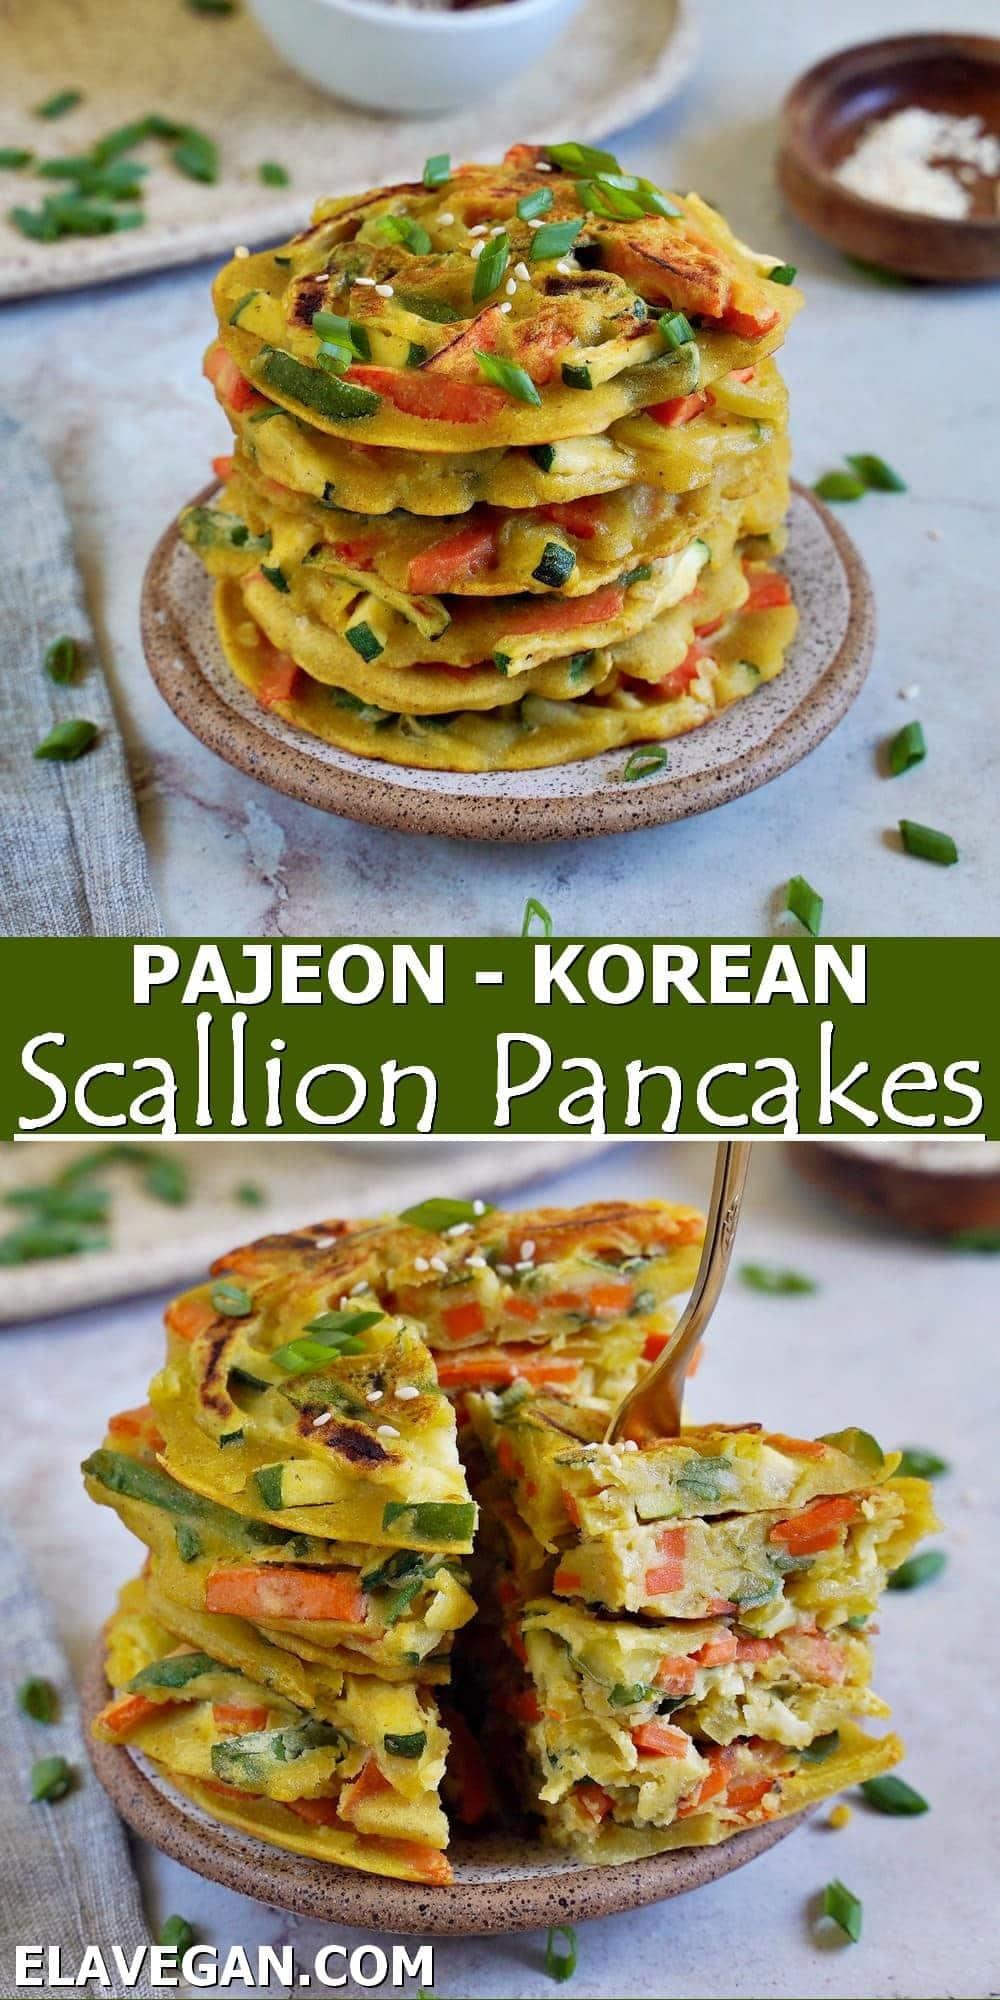 Pinterest Pajeon - Korean Scallion Pancakes